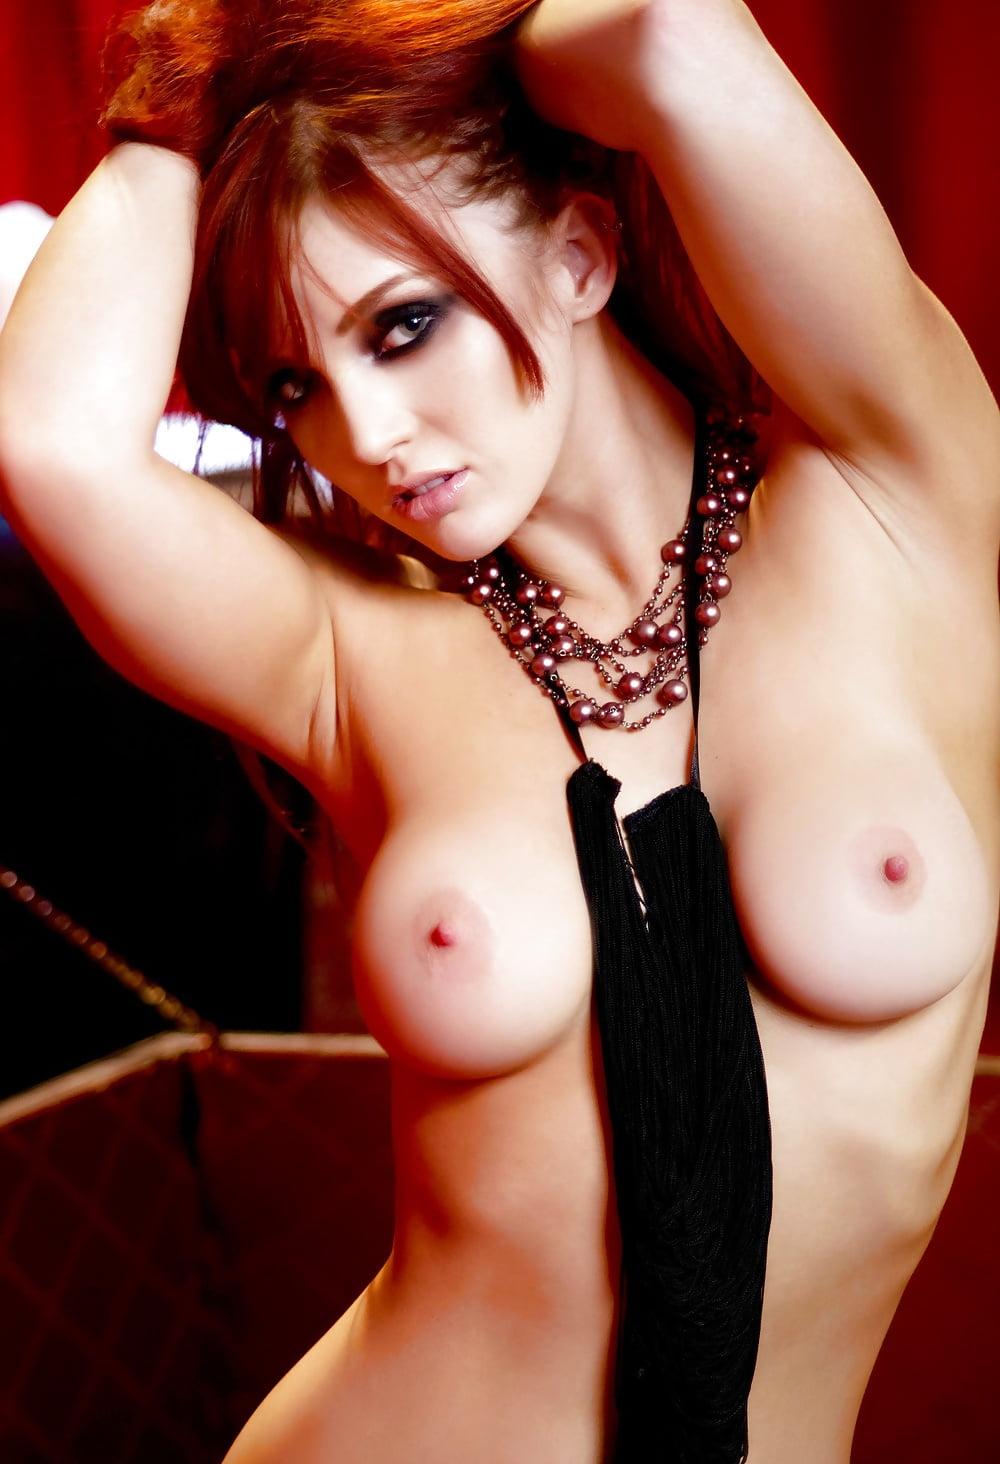 Amia Miley Coche Viddeo Porno veronica ricci jerking gallery - 150 pics | xhamster